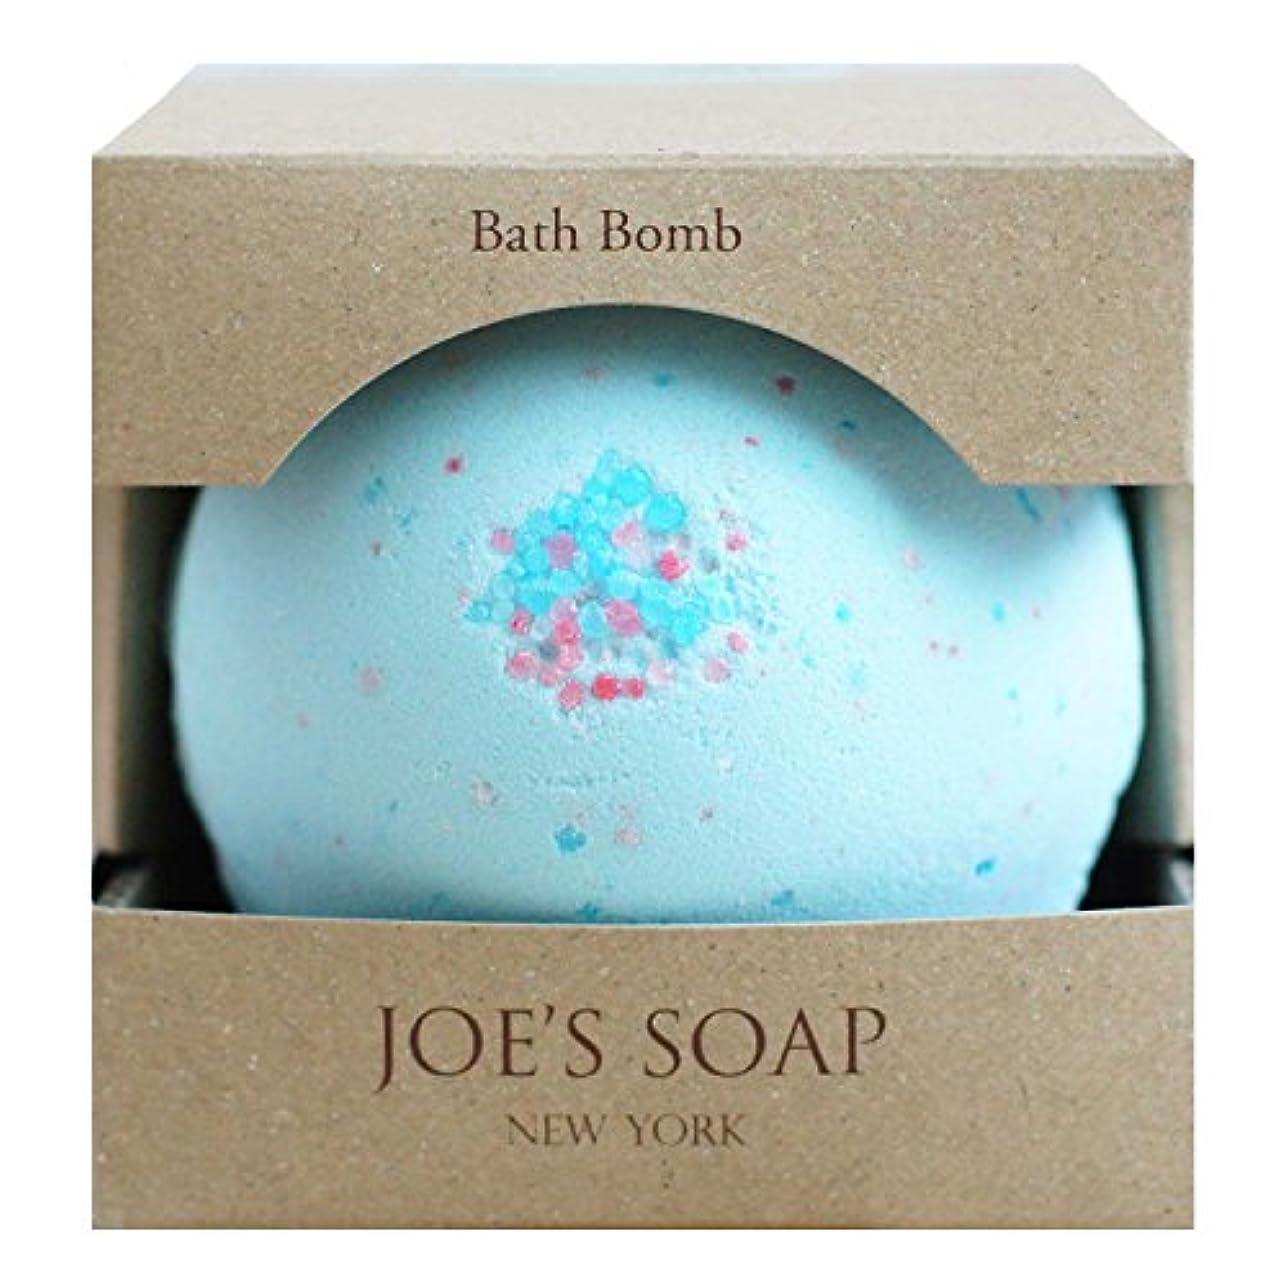 フォーマル税金そよ風JOE'S SOAP ( ジョーズソープ ) バスボム(PARADISE ) バスボール 入浴剤 保湿 ボディケア スキンケア オリーブオイル はちみつ フト プレゼント